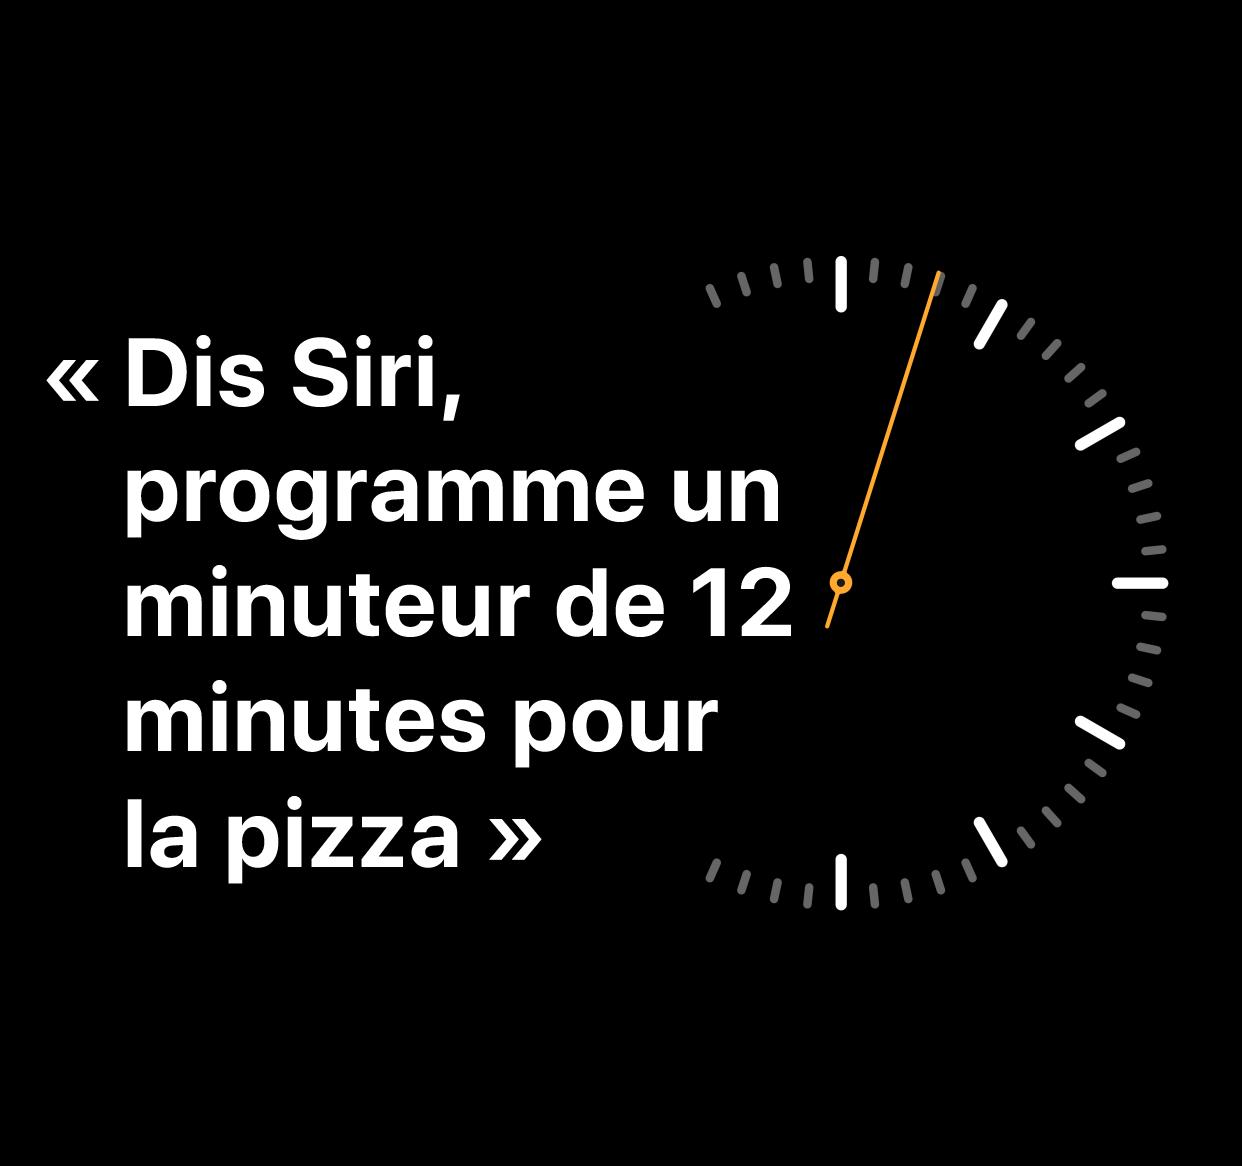 """Une illustration des mots: """"Dis Siri, programme un minuteur de 12minutes pour la pizza""""."""